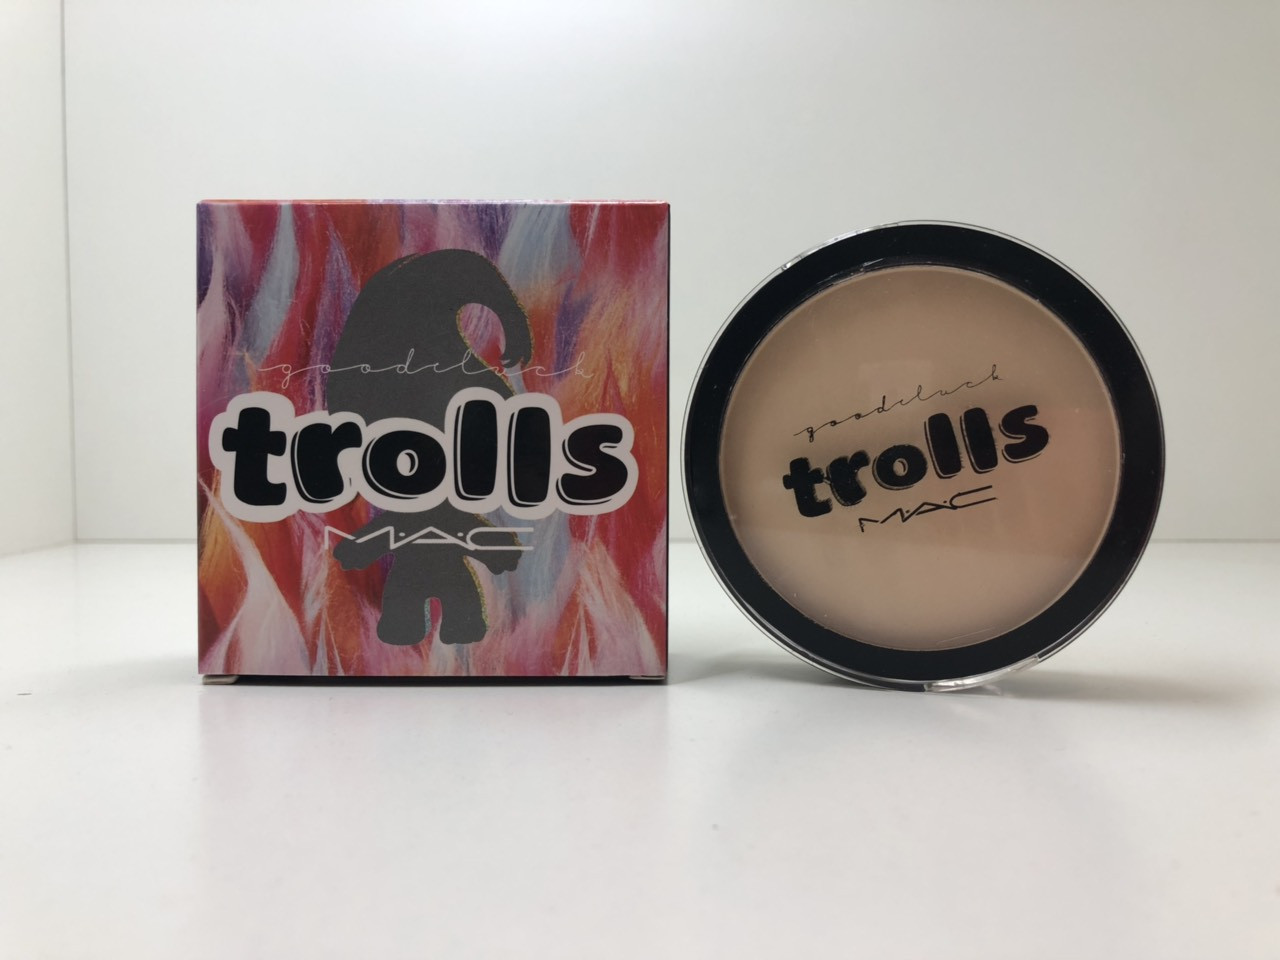 Купить косметику mac trolls купить аусганика австралия косметика